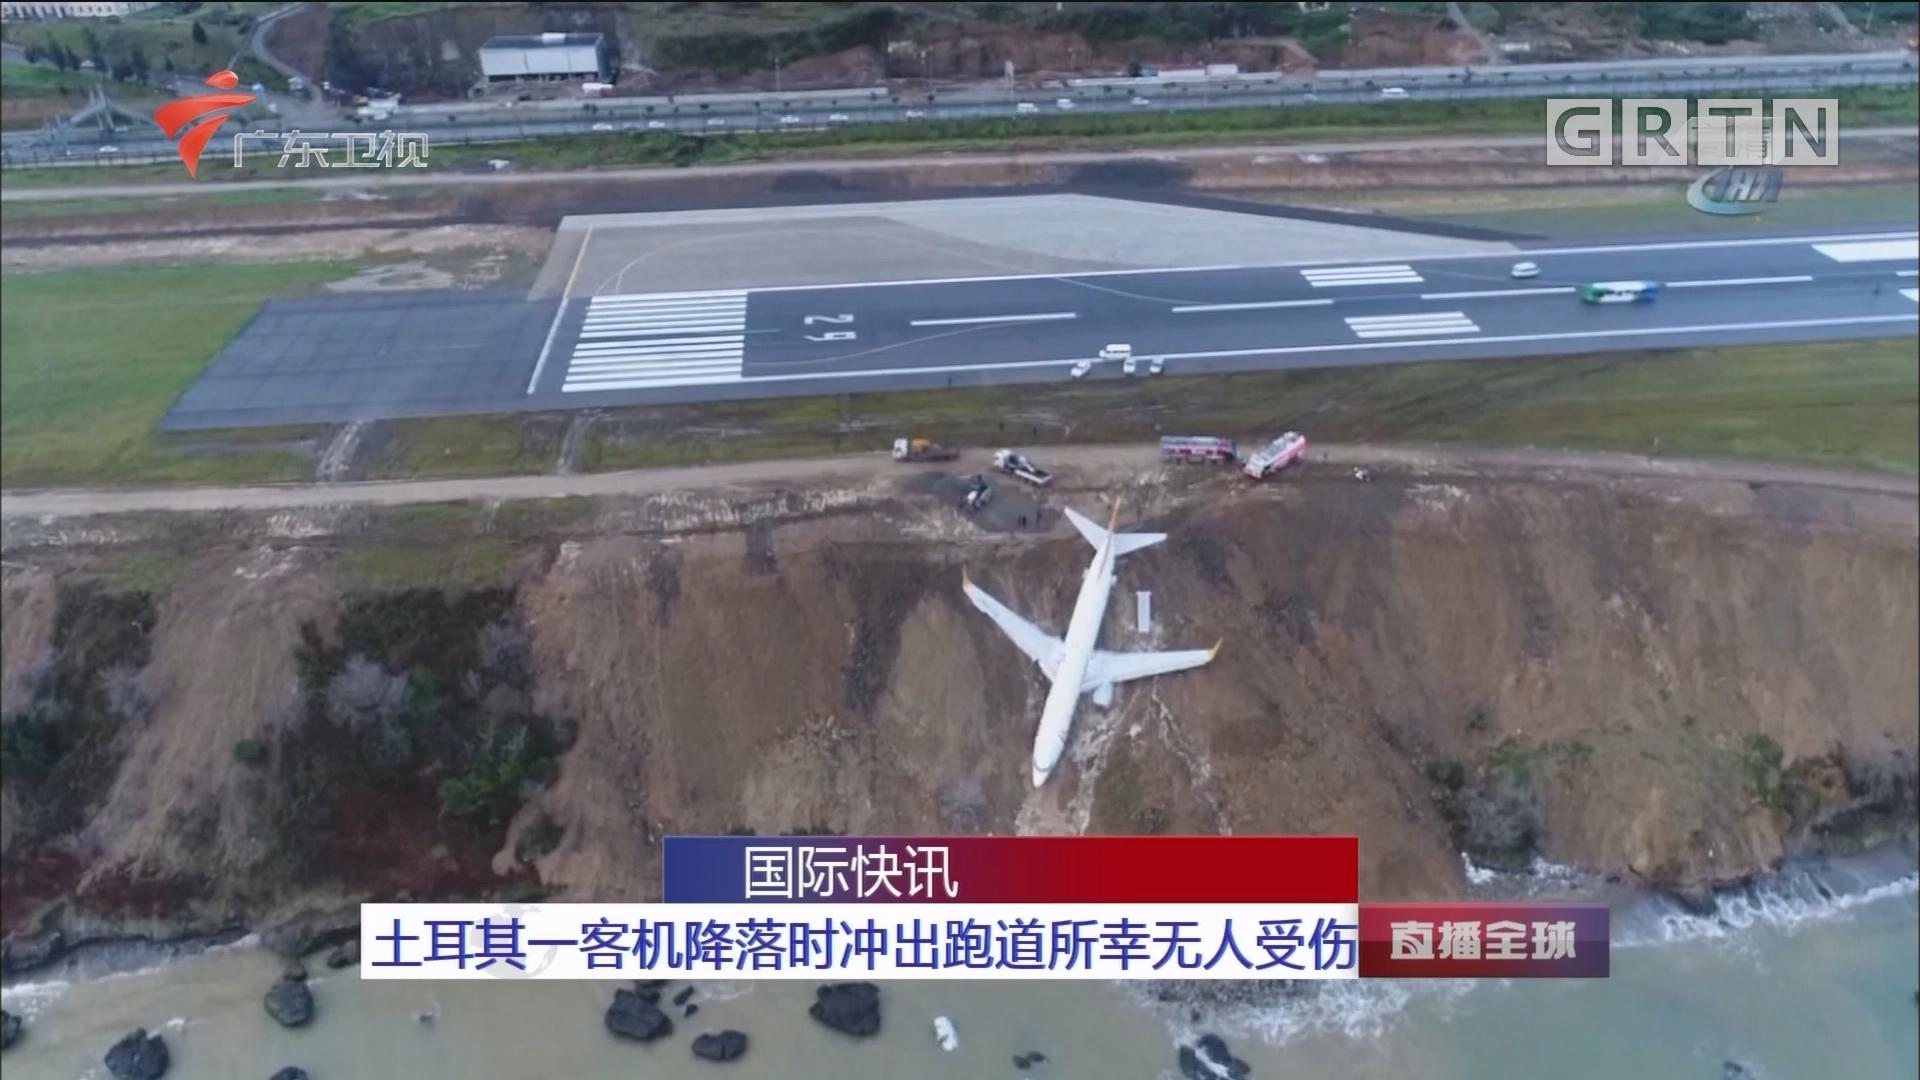 土耳其一客机降落时冲出跑道所幸无人受伤